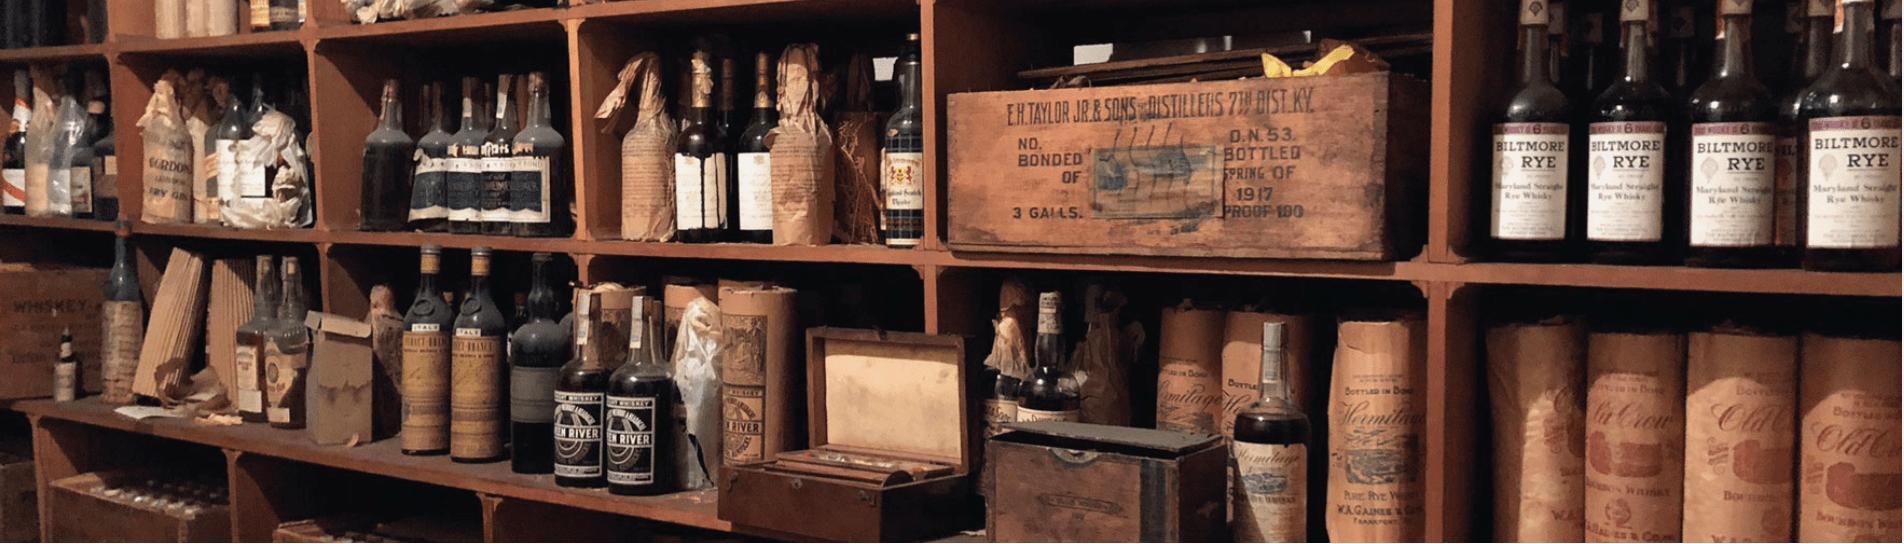 Элитный редкий виски